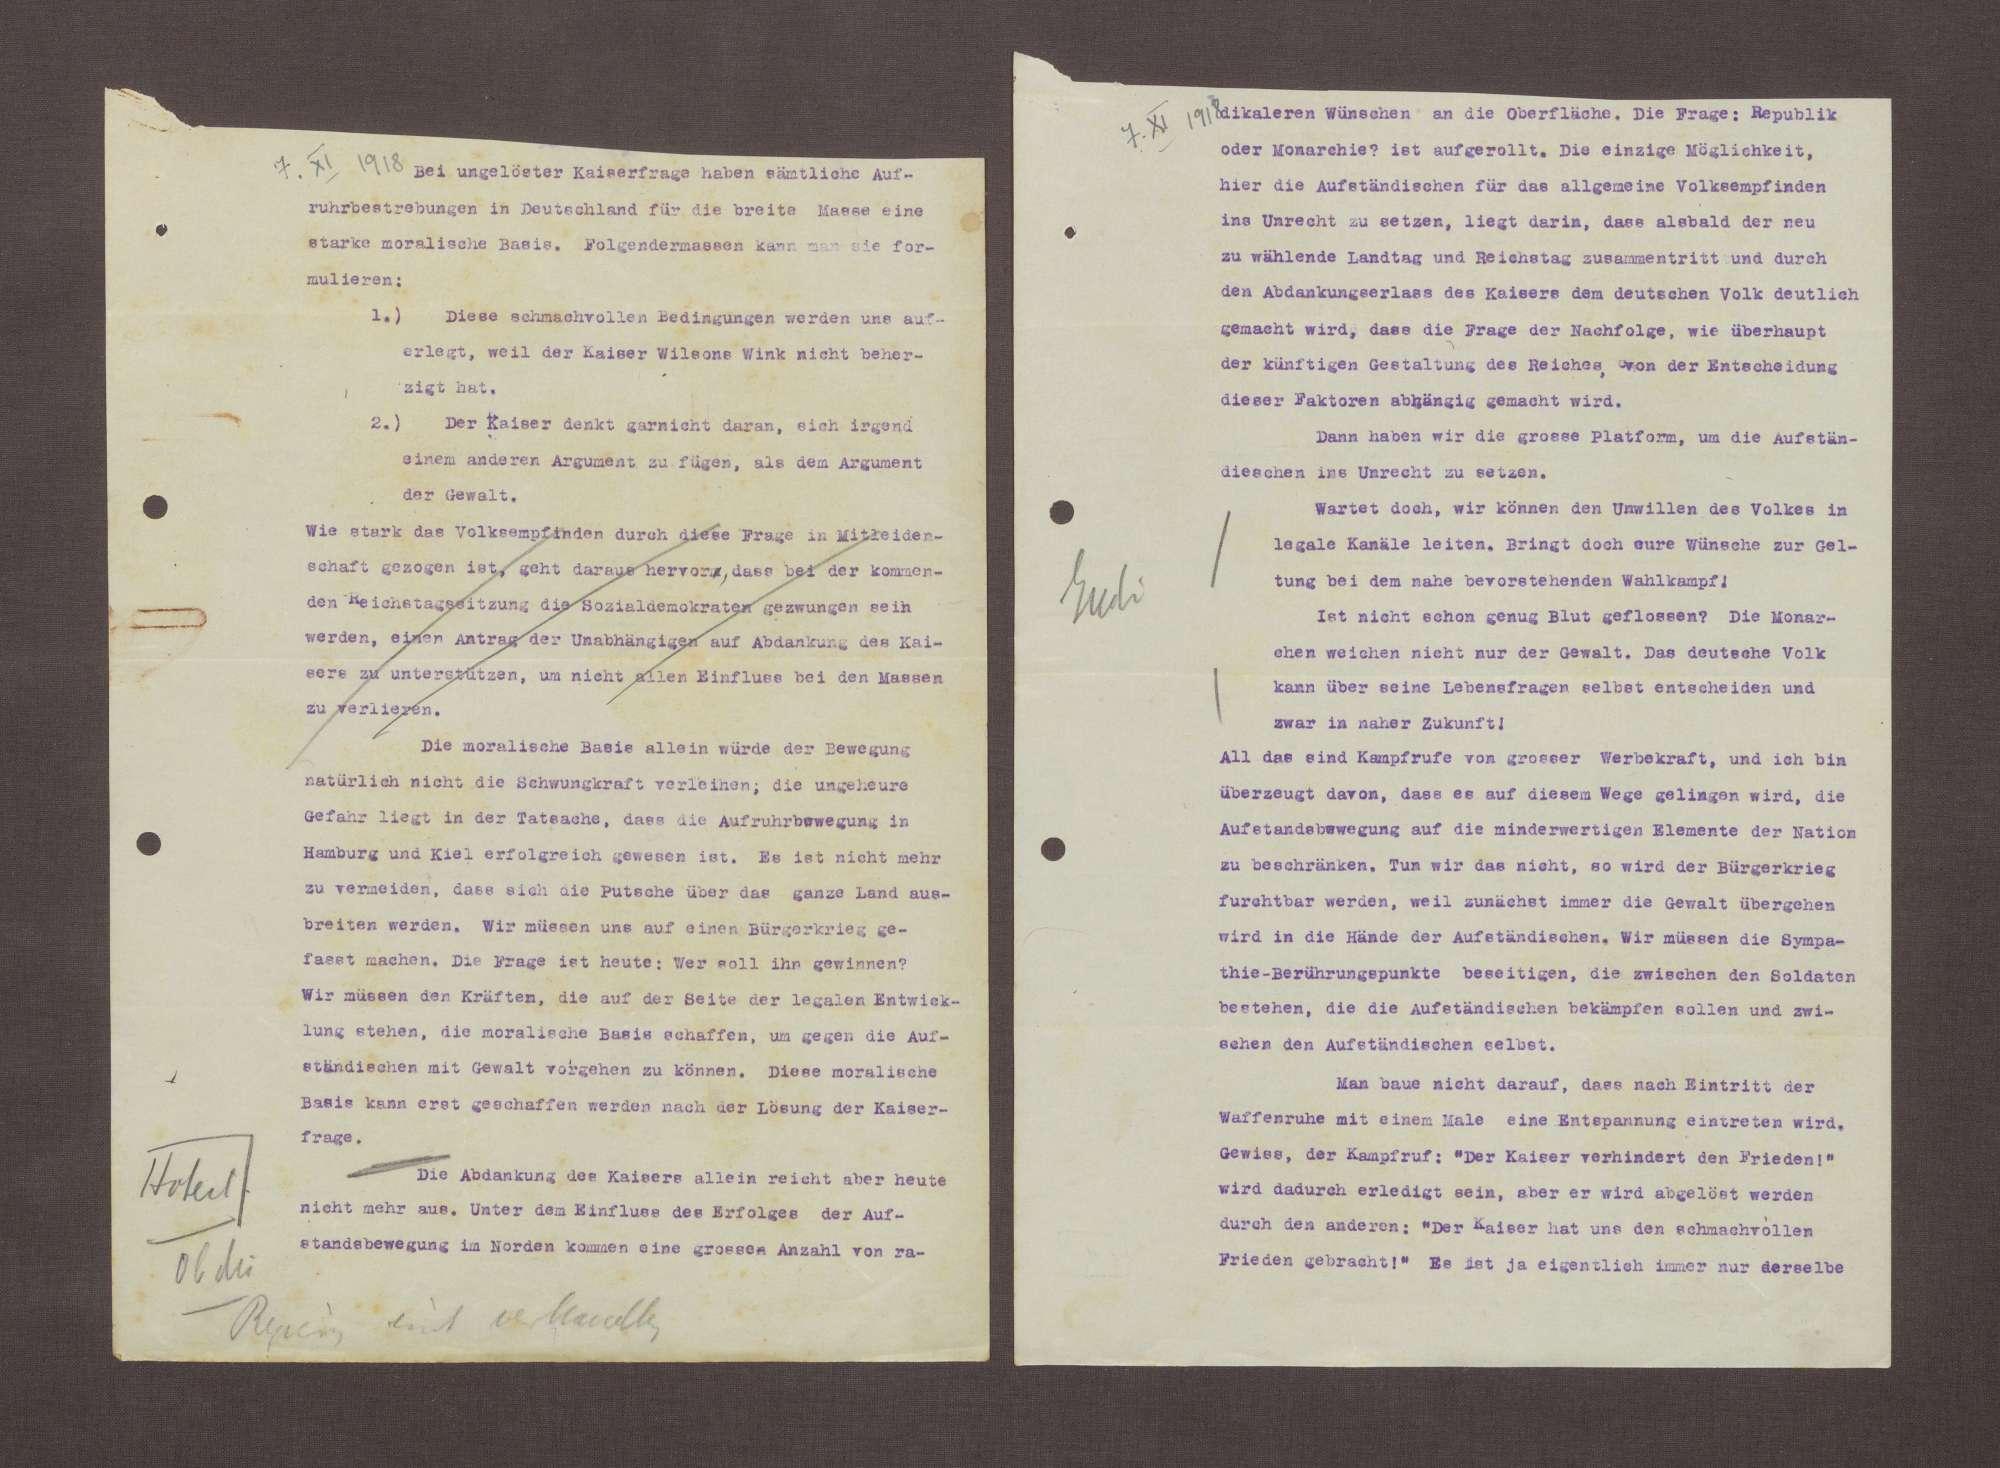 Denkschrift über die moralische Basis der Kaiserfrage, Bild 1